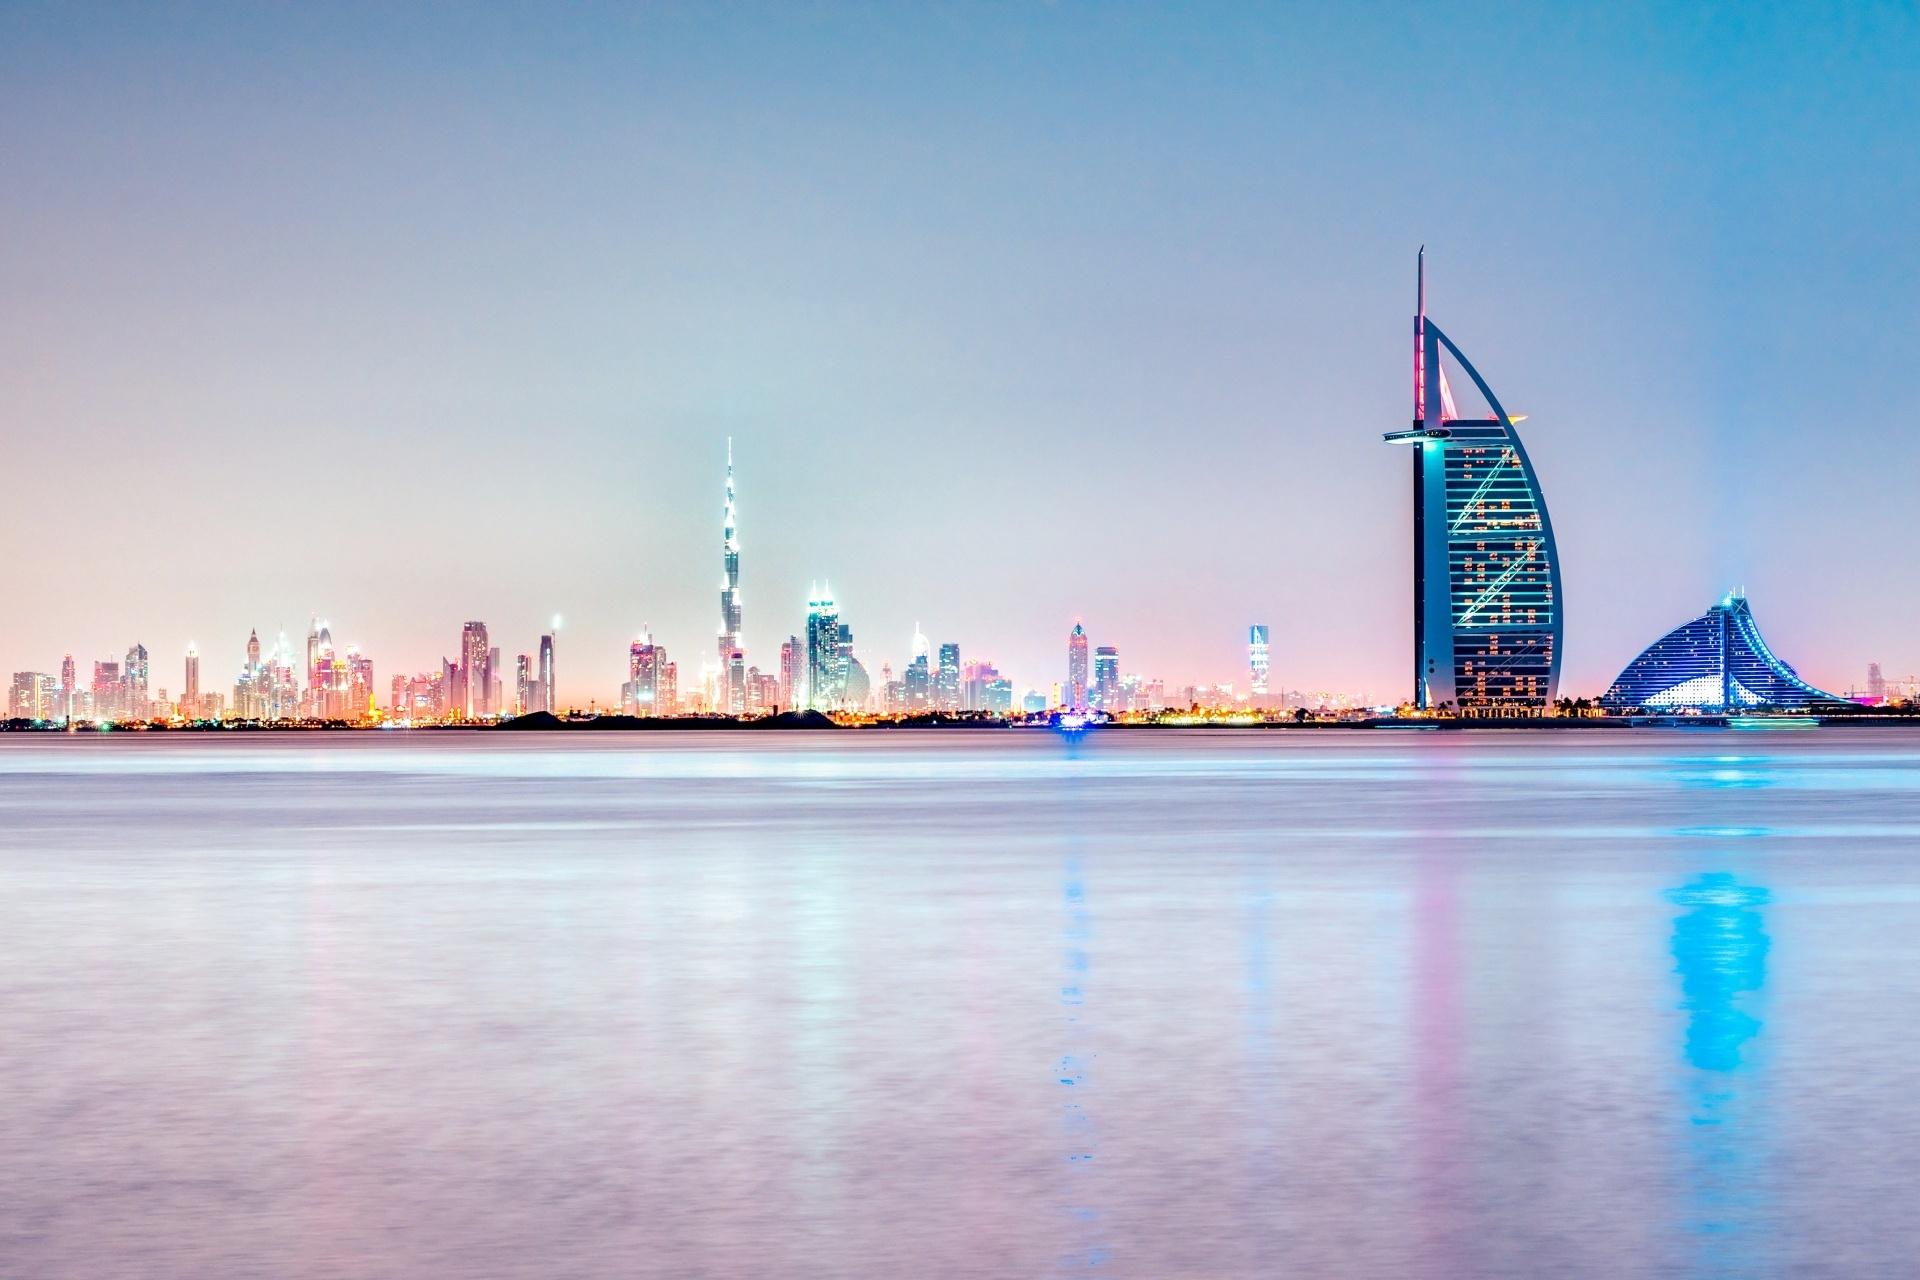 夕暮れ時のドバイの風景 アラブ首長国連邦の風景